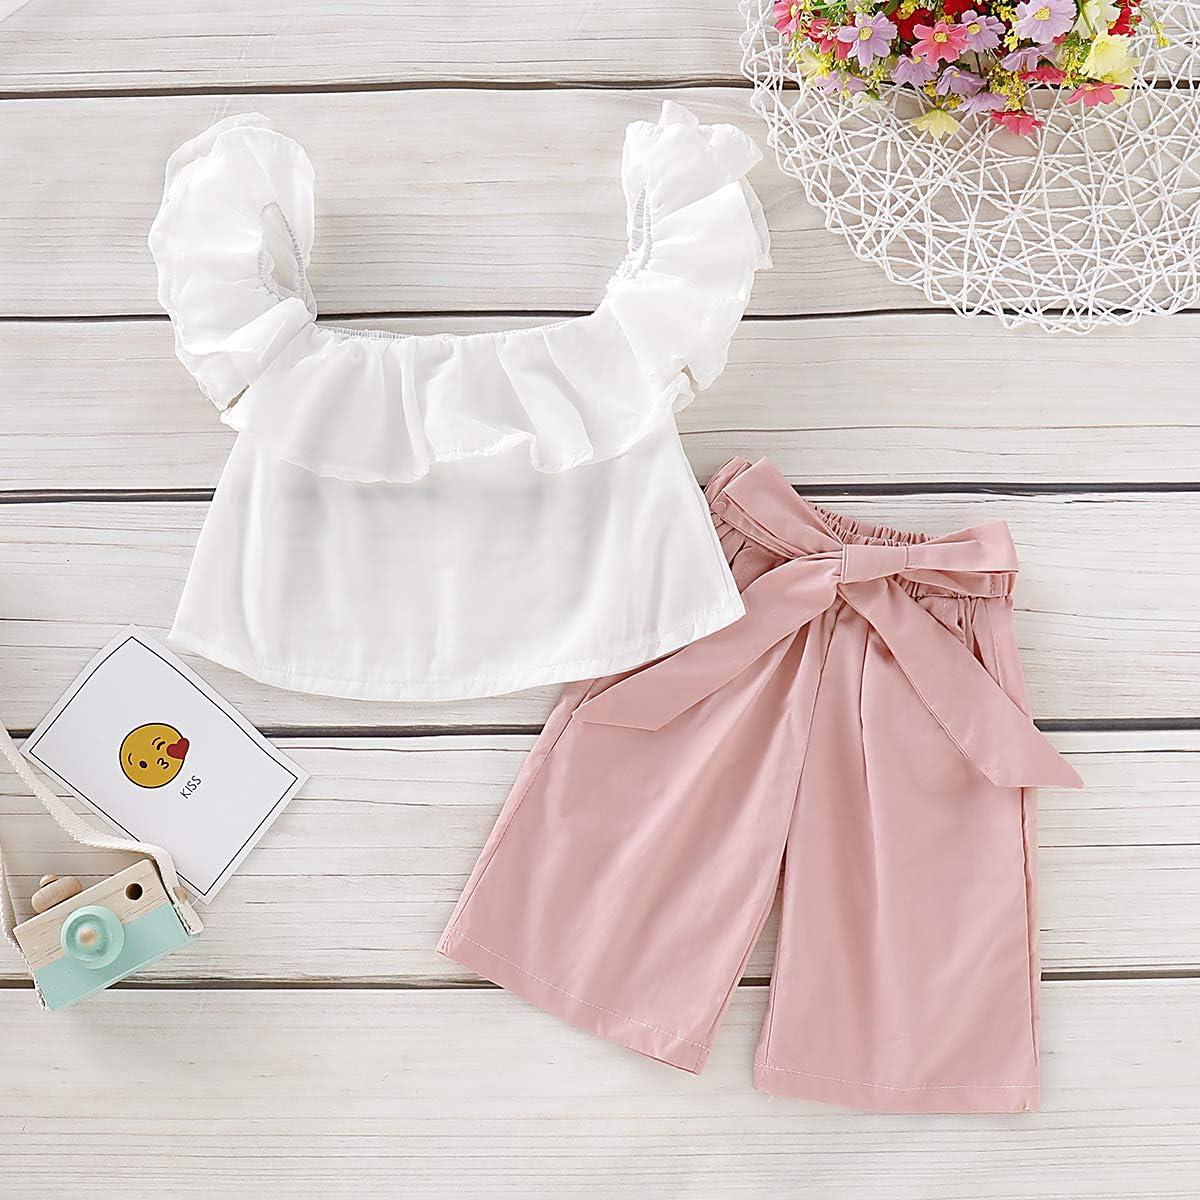 DaMohony Set di 2 Magliette da Bambina con Volant e Pantaloni con Fiocco